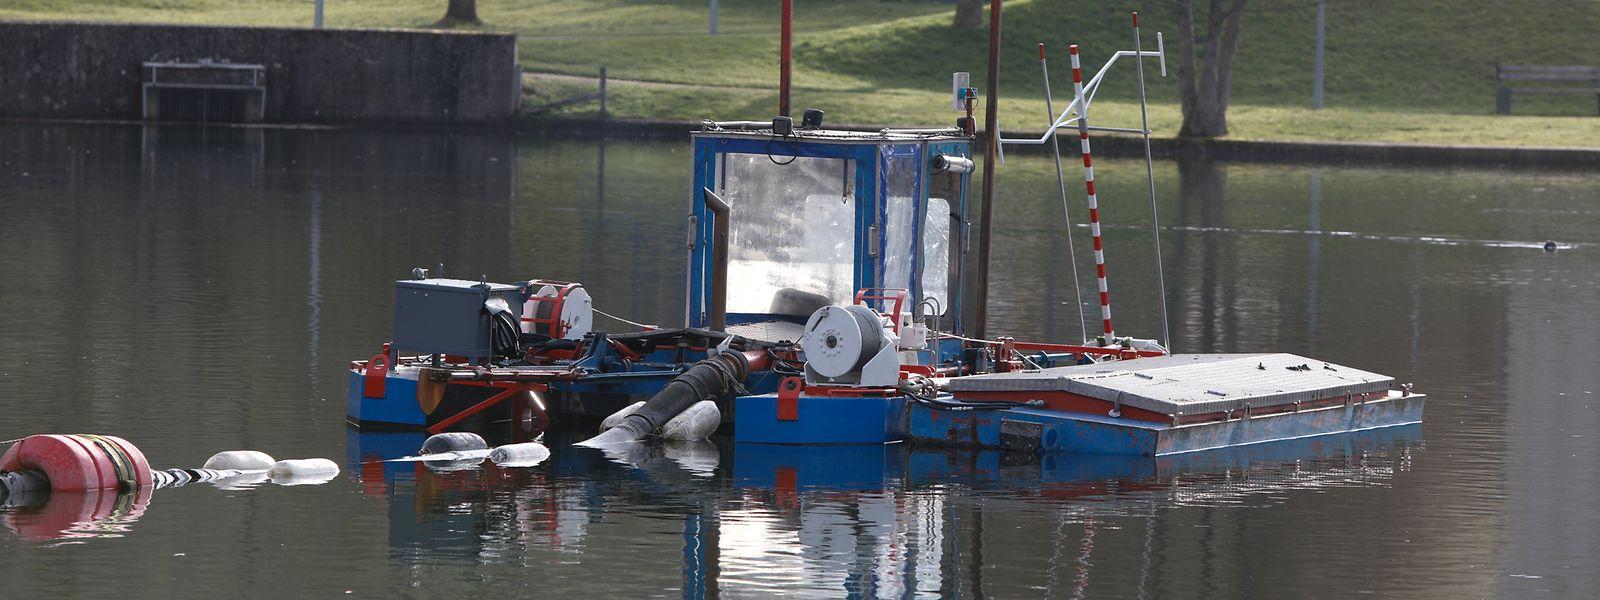 Der rot-weiß-blaue Schwimmbagger einer niederländischen Spezialfirma  reinigt die künftige Badezone in der Nähe der Jugendherberge.